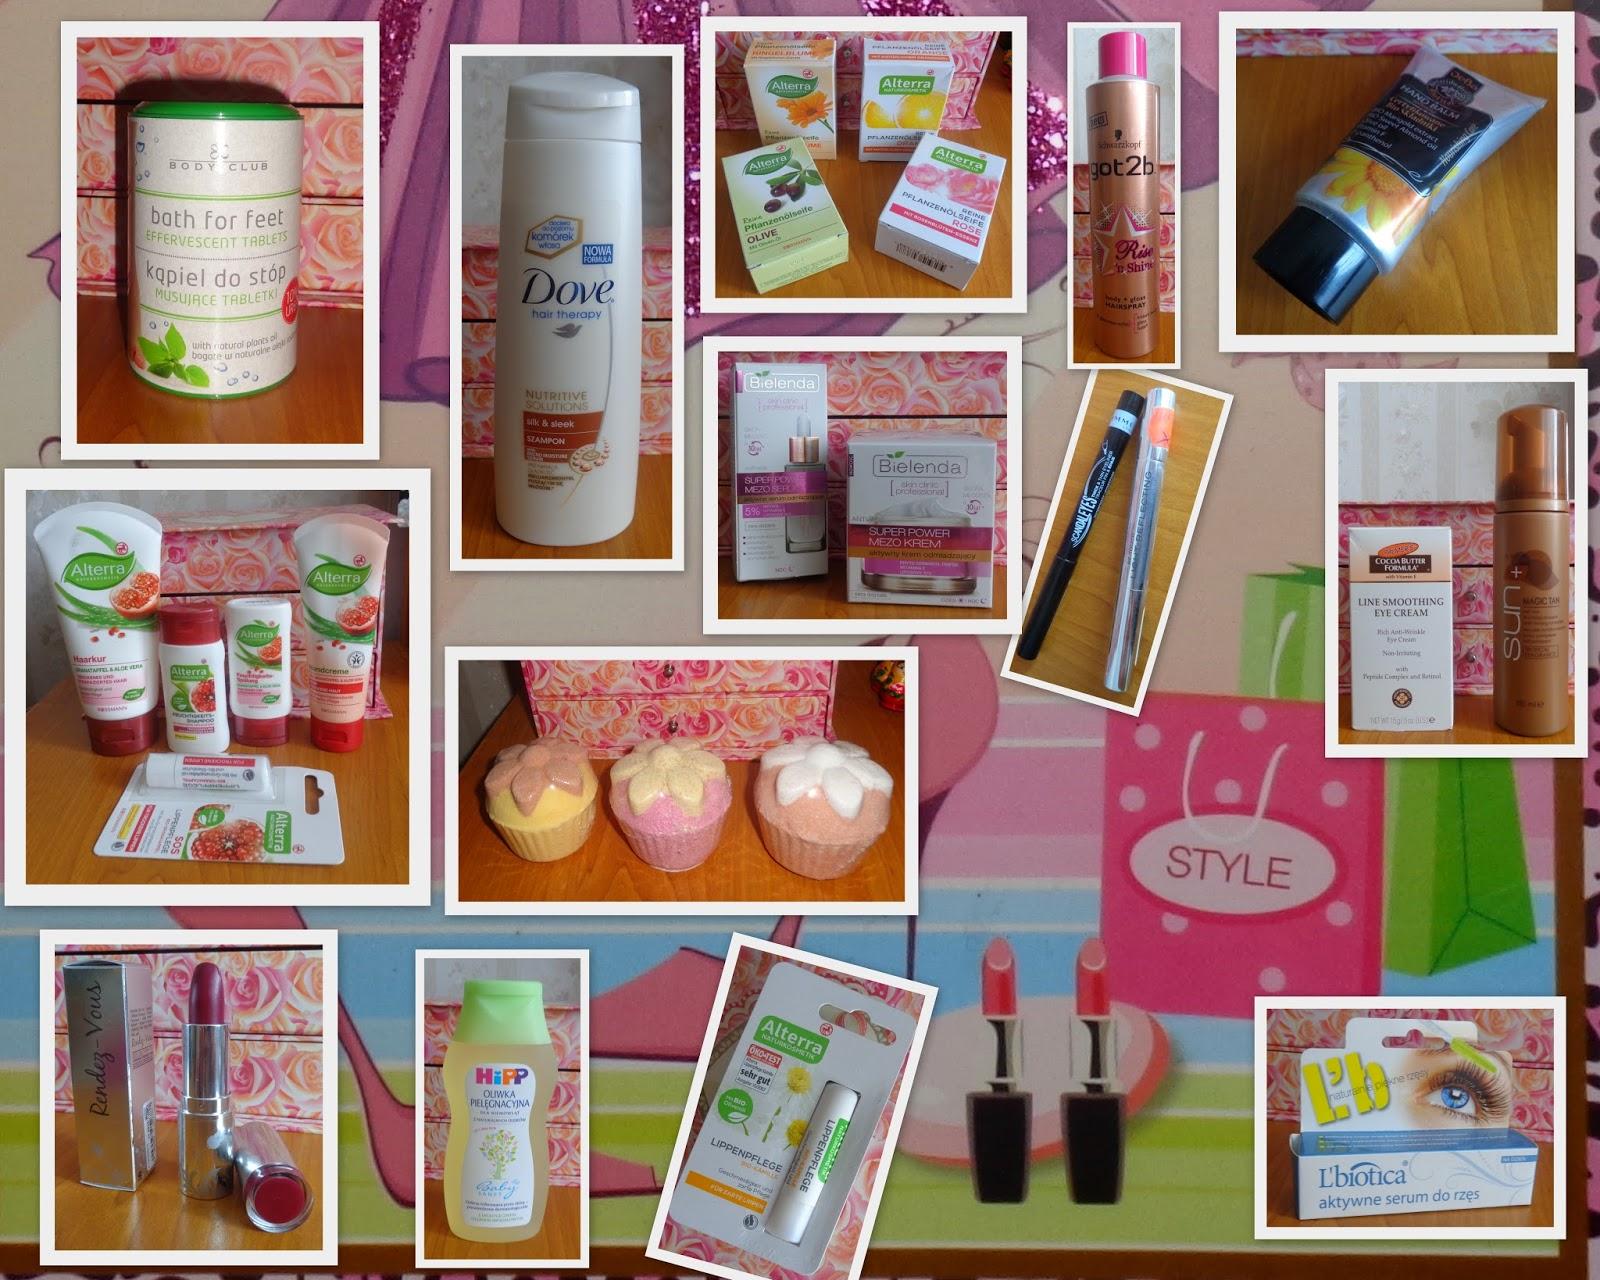 Sierpniowo - wrześniowe zakupy kosmetyczne :)